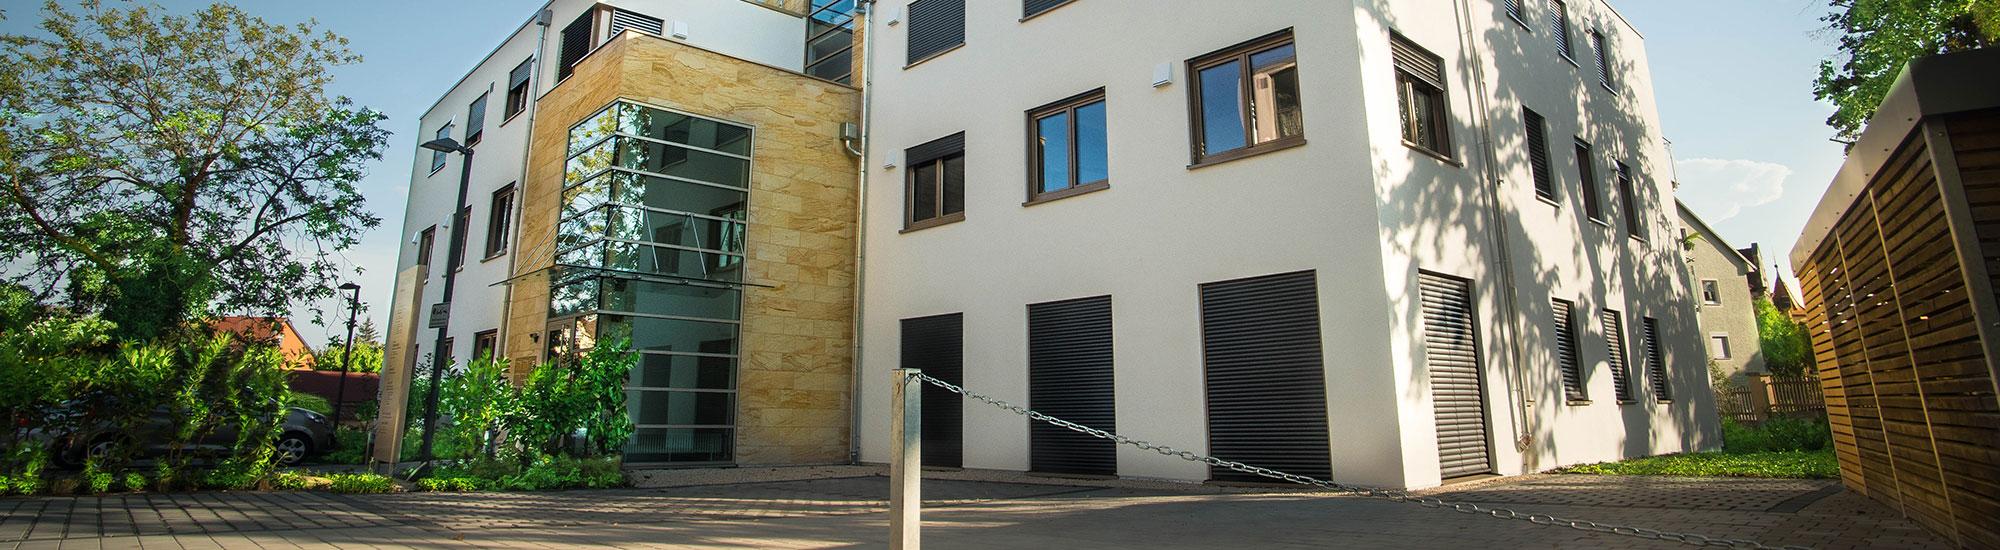 Ärztehaus Rothenburg